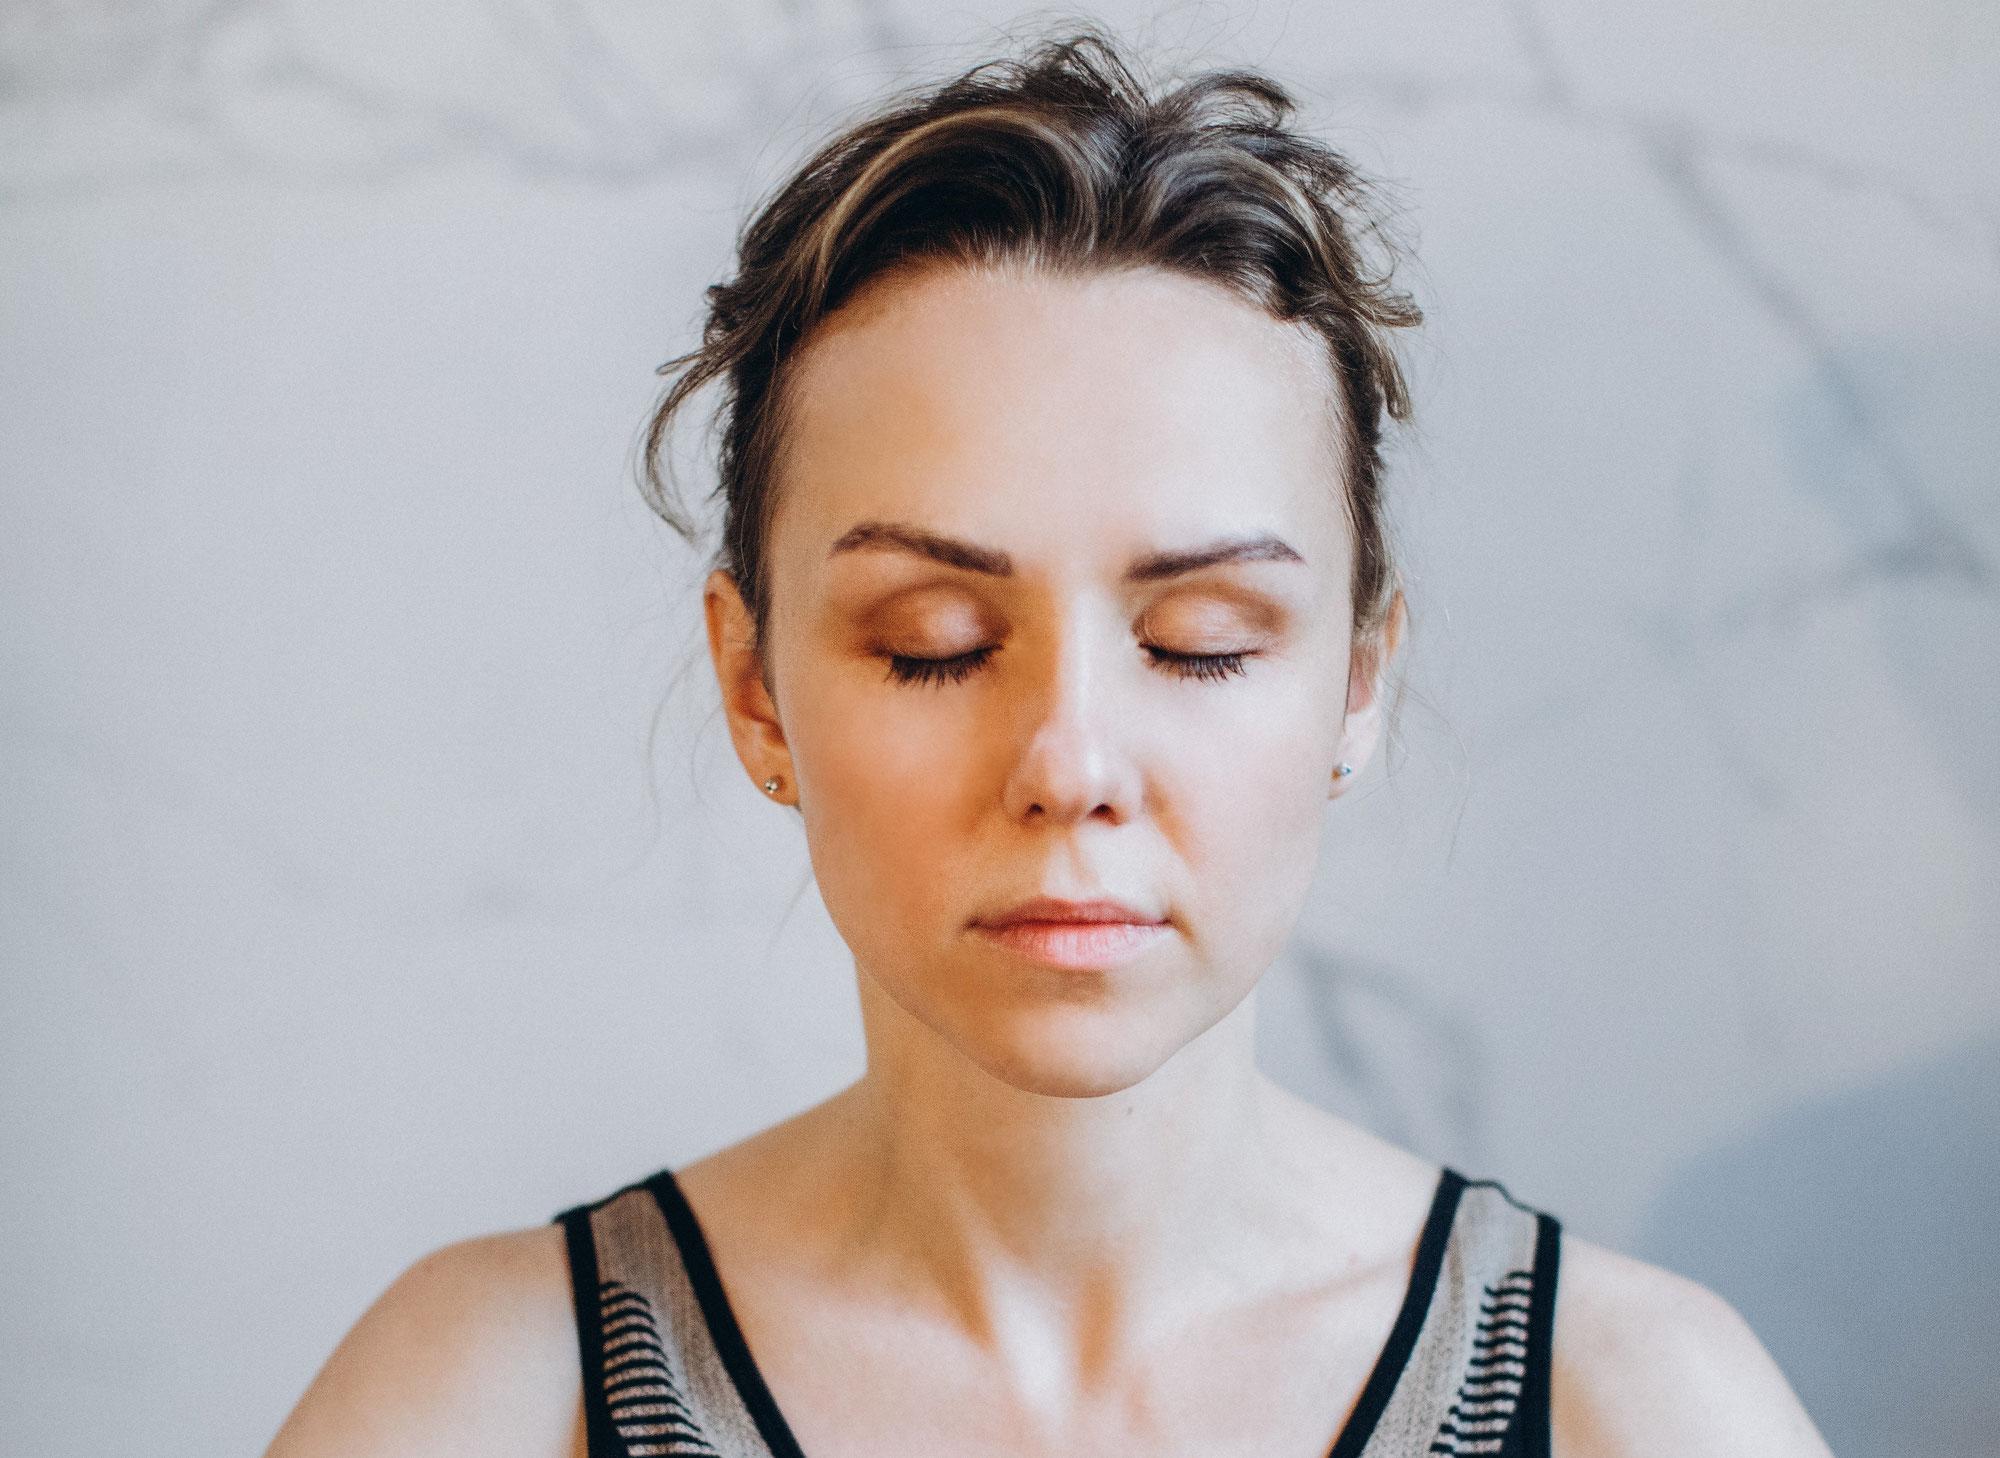 Détendez-vous en 5 min grâce à ces 3 exercices de Sophrologie